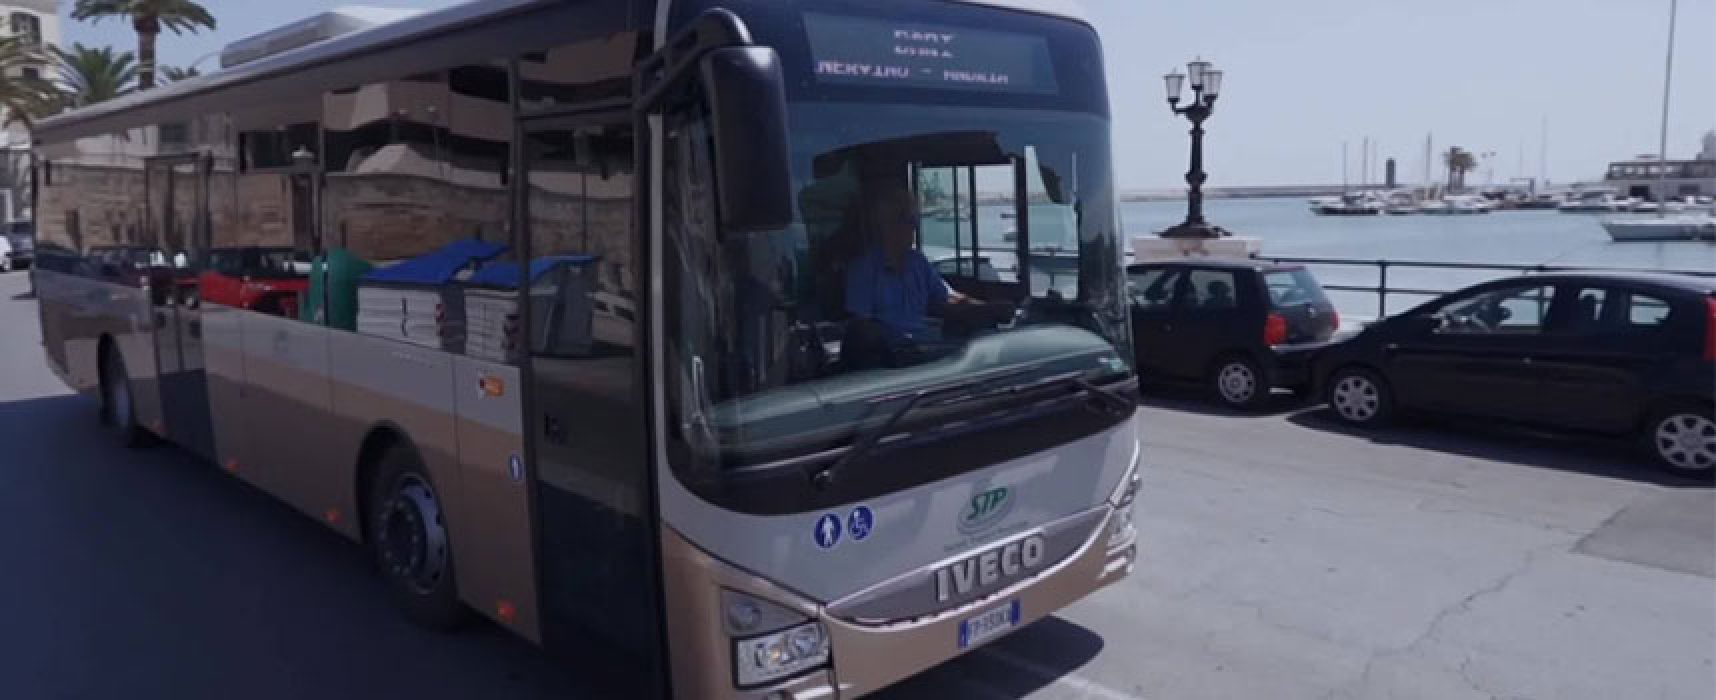 Giro d'Italia, previste variazioni per il percorso autobus Stp